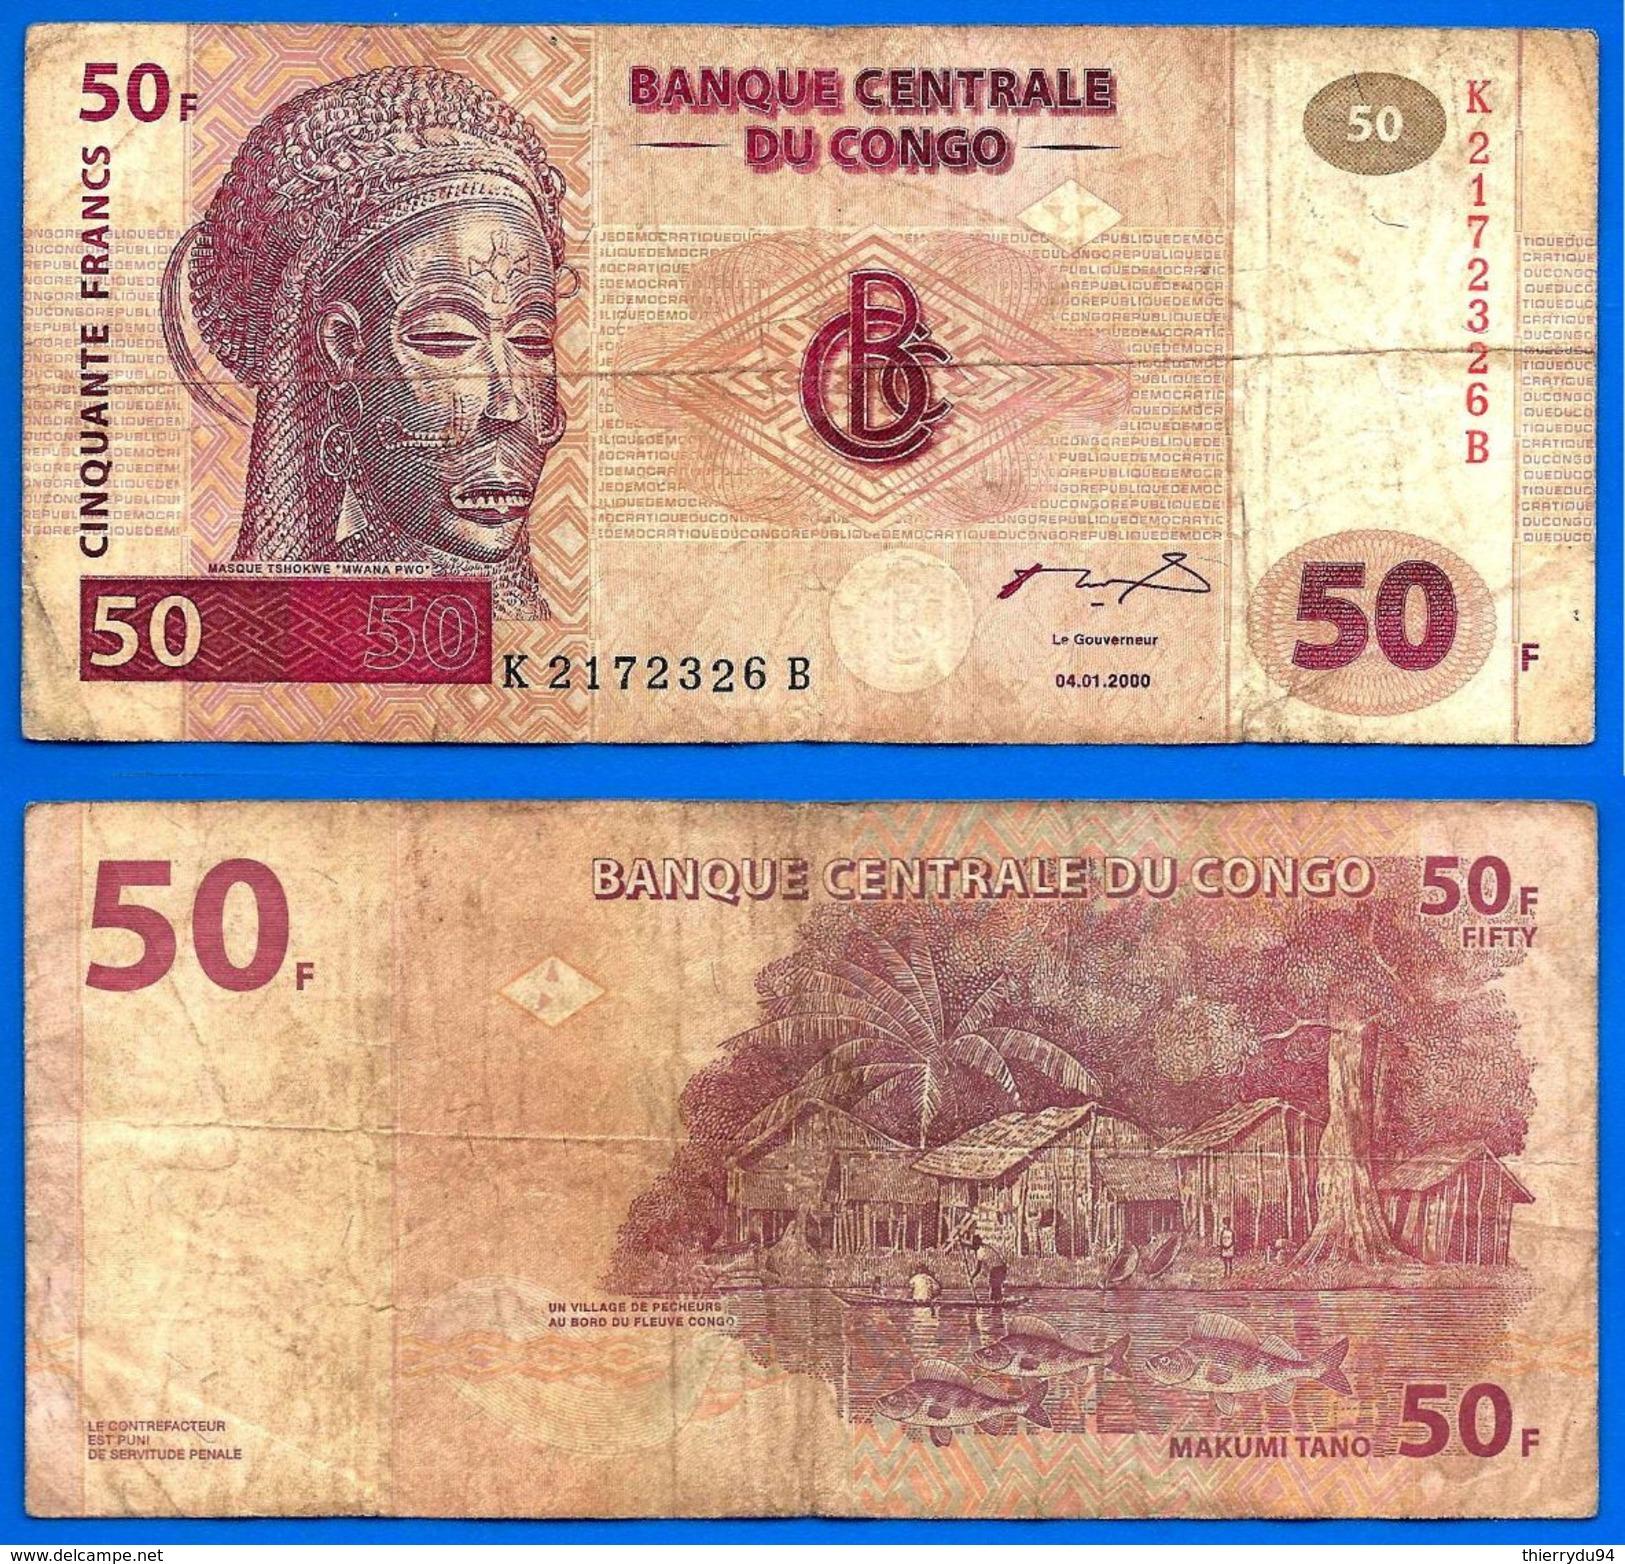 Congo 50 Francs 2000 Prefix K Masque Village Pecheur Paypal Skrill Bitcoin OK - Congo